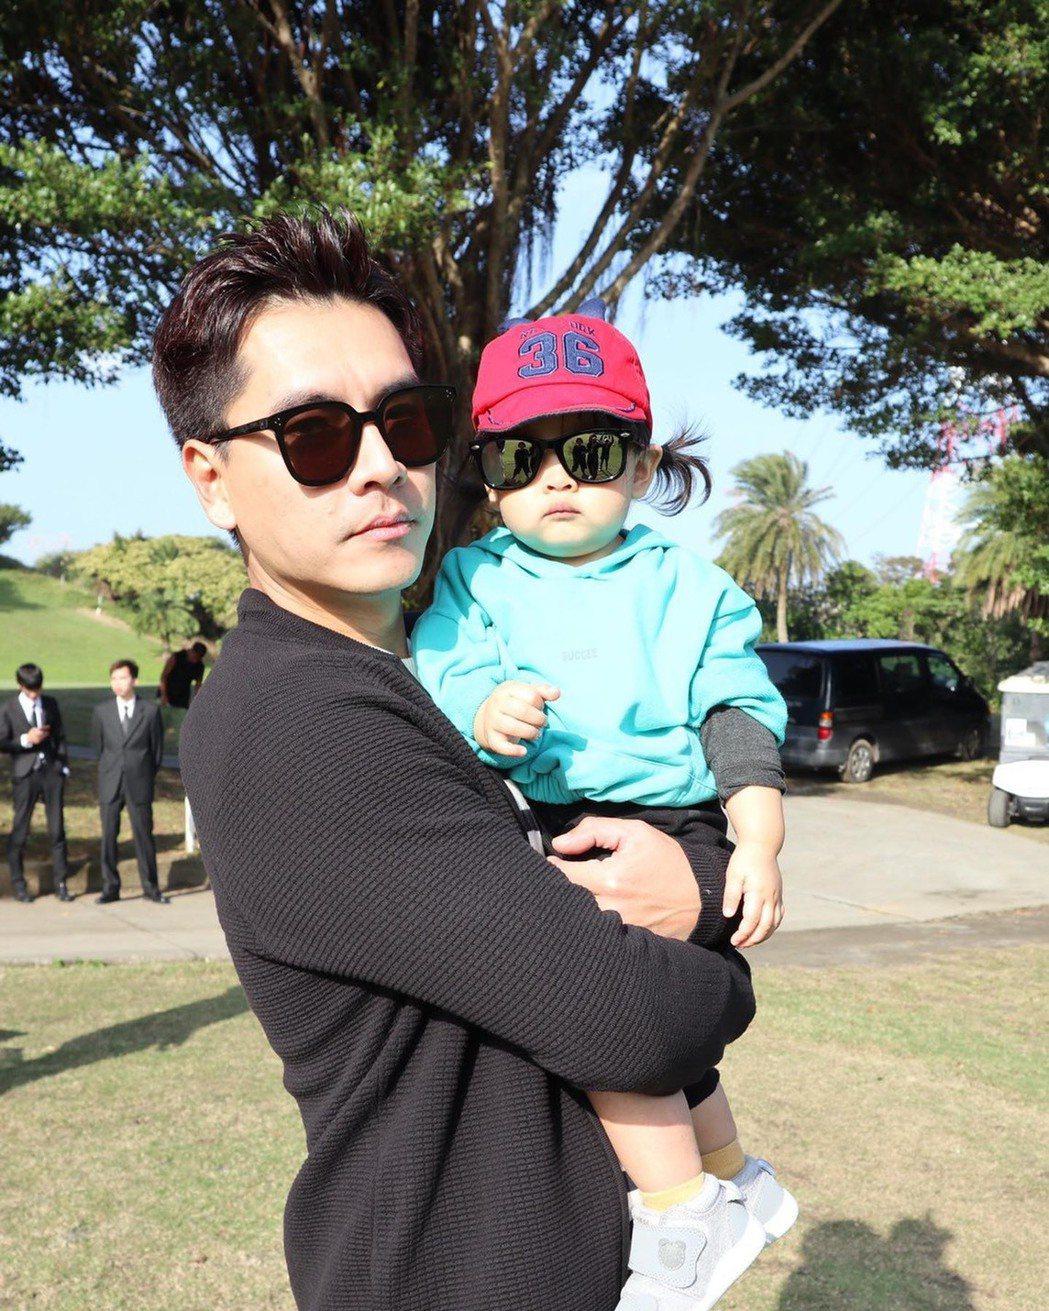 王傳一抱著女兒「胖胖」,父女戴墨鏡酷樣超萌。圖/摘自臉書